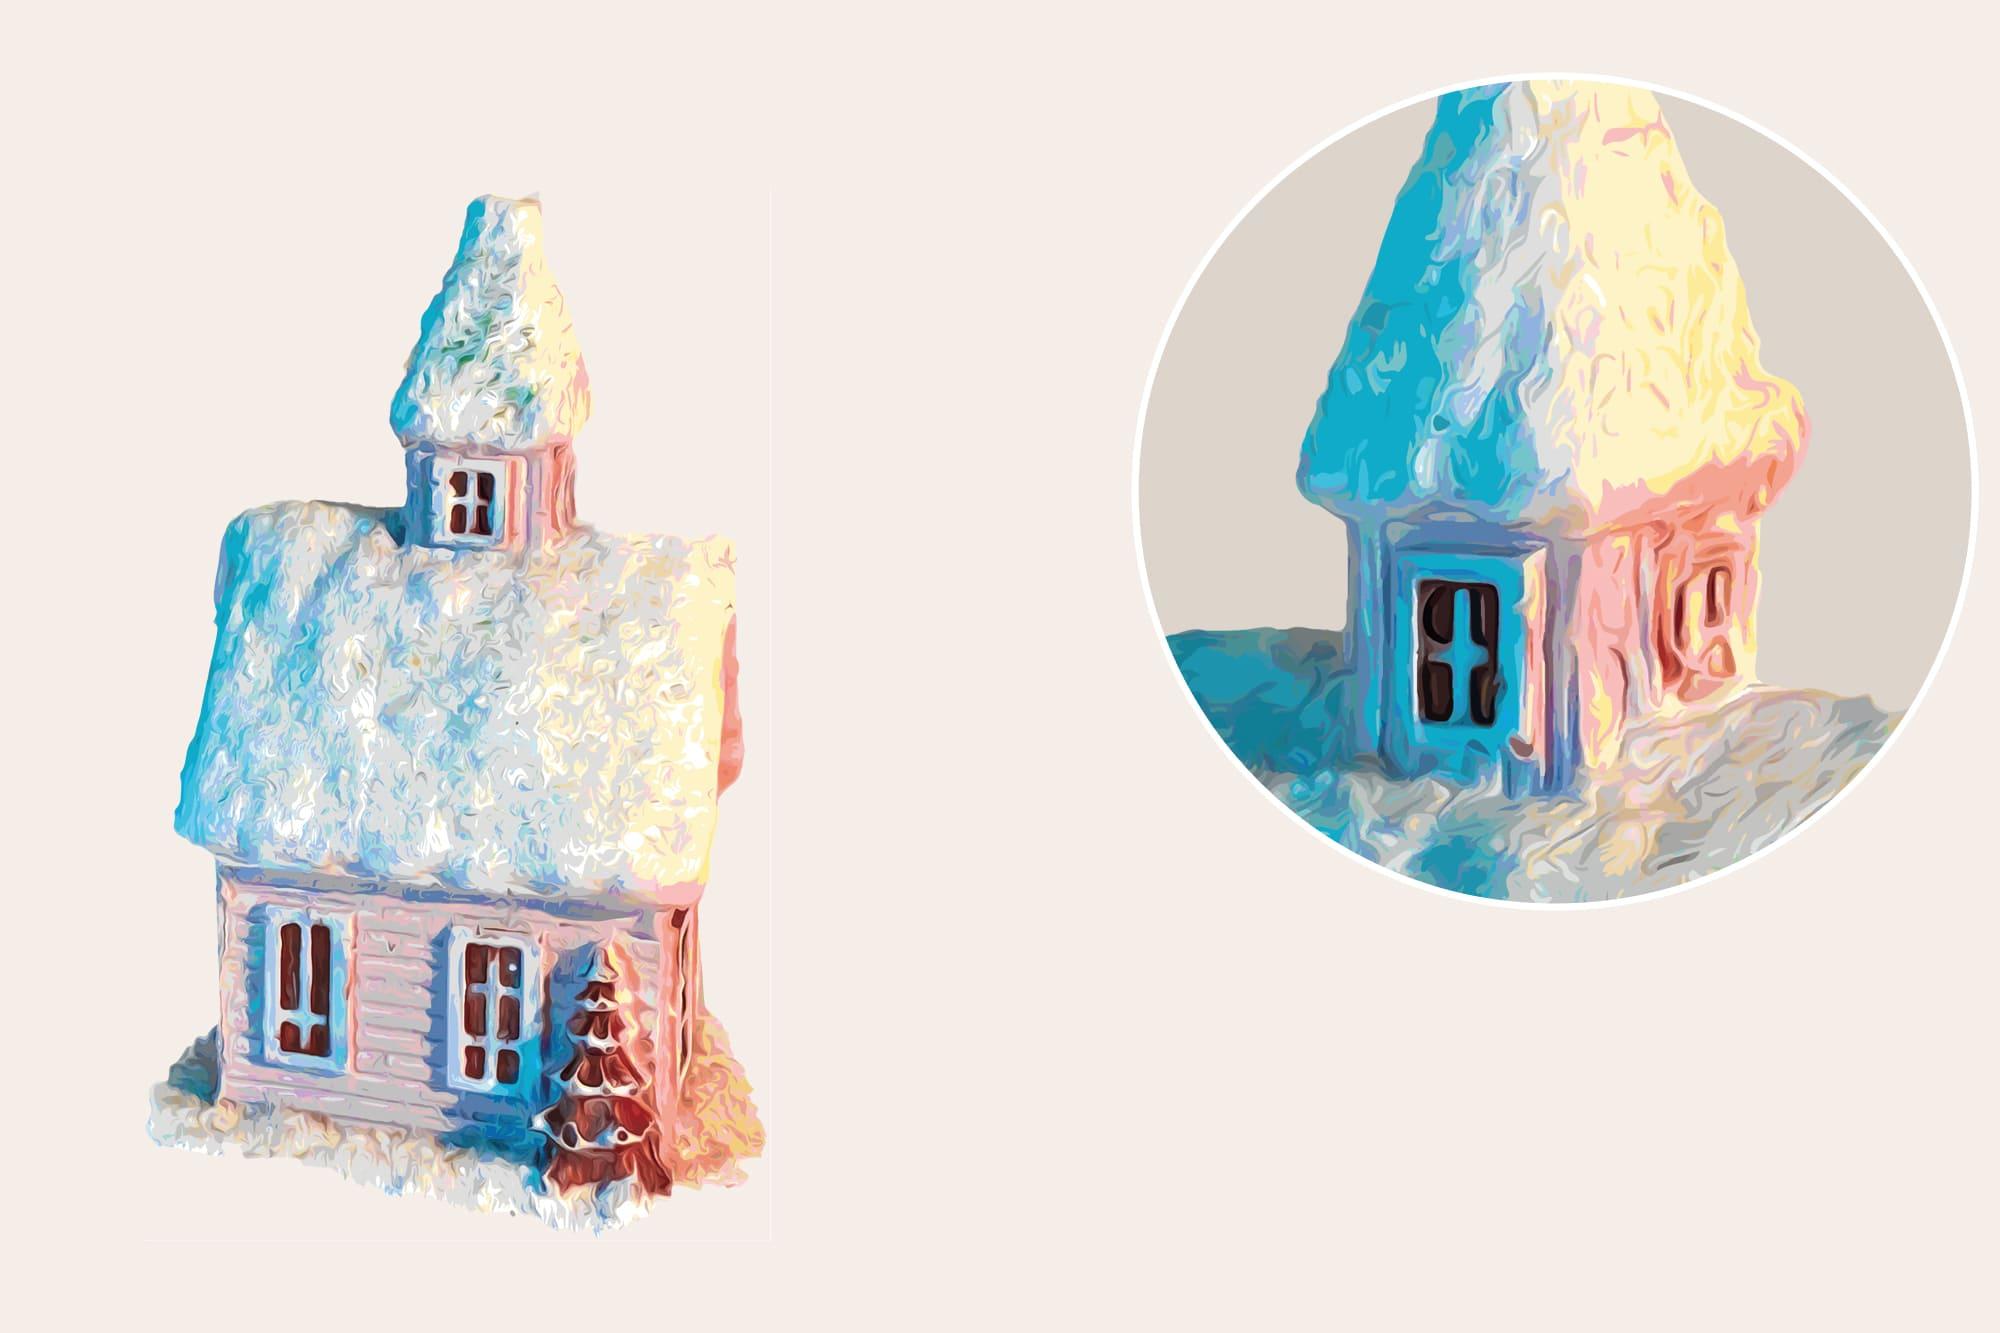 496 Christmas Illustrations: Christmas Vectors Bundle SVG, EPS, AI - Xmas time b